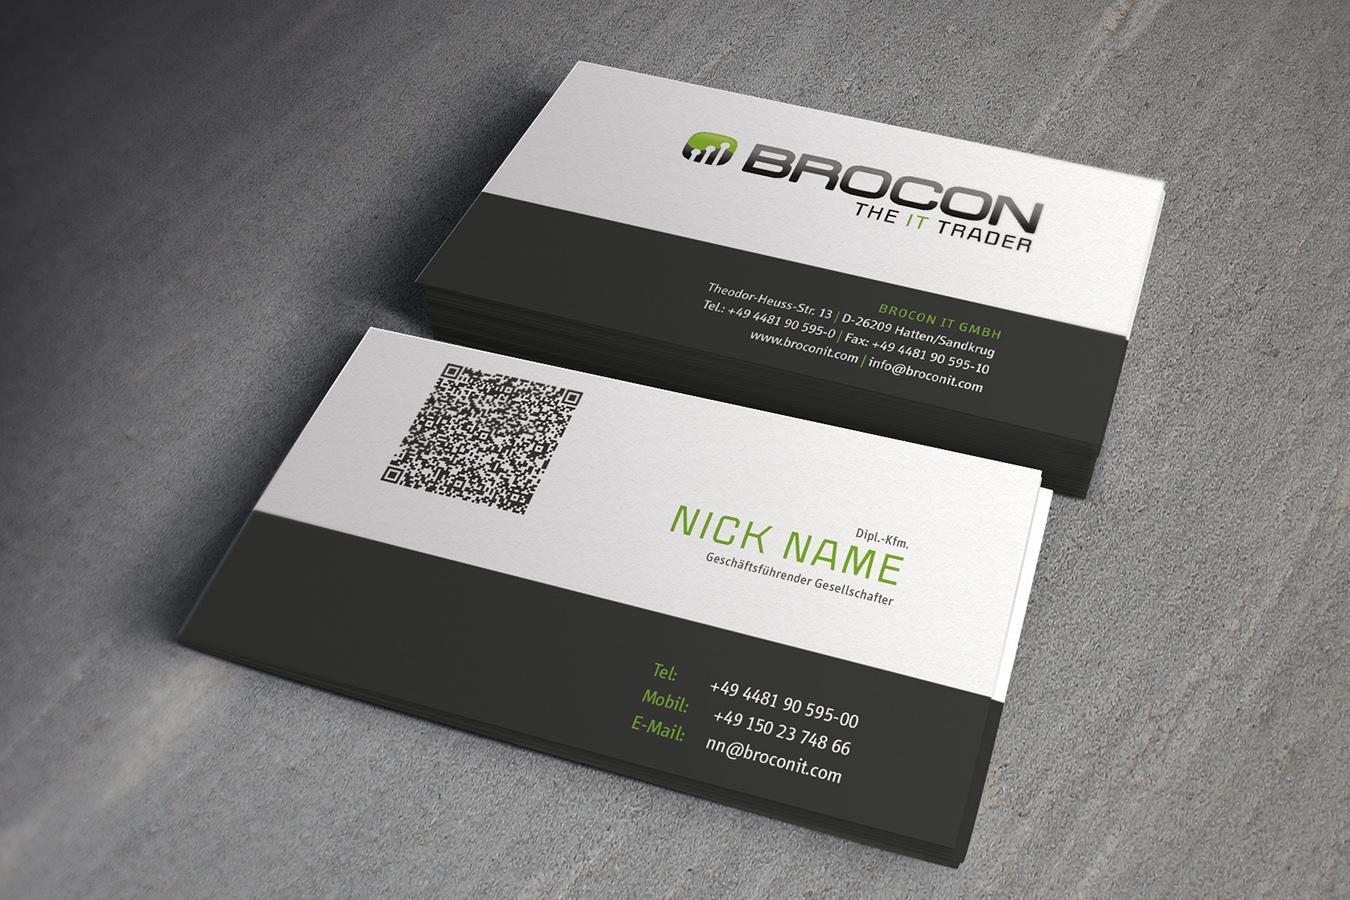 eh_referenzen_bro_3_abgendert Projekt - Brocon it